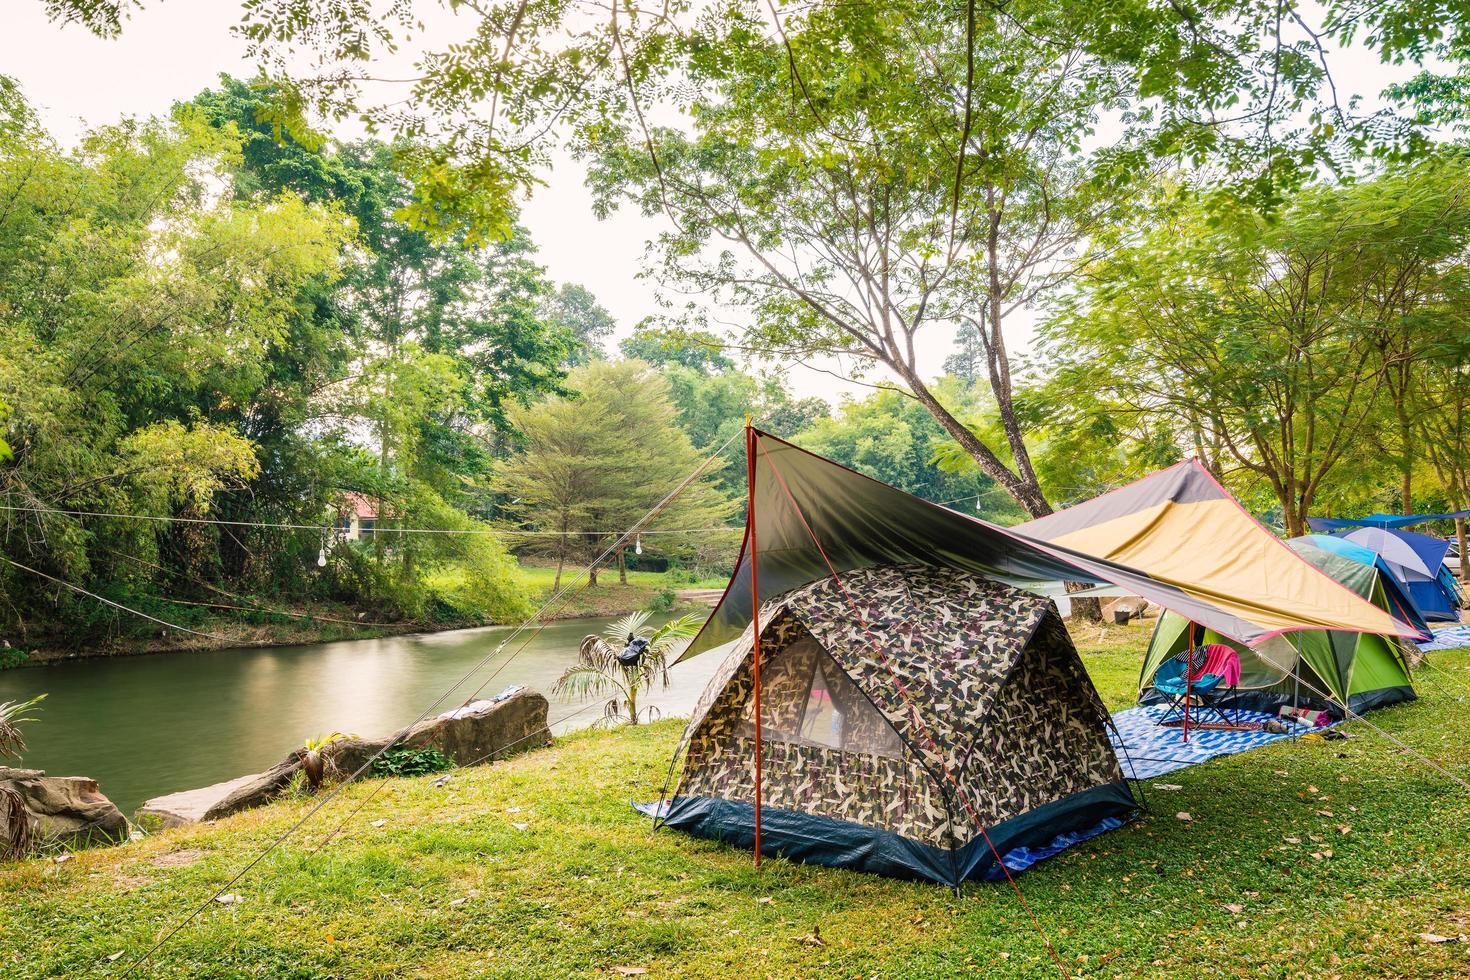 tende da campeggio in erba foto